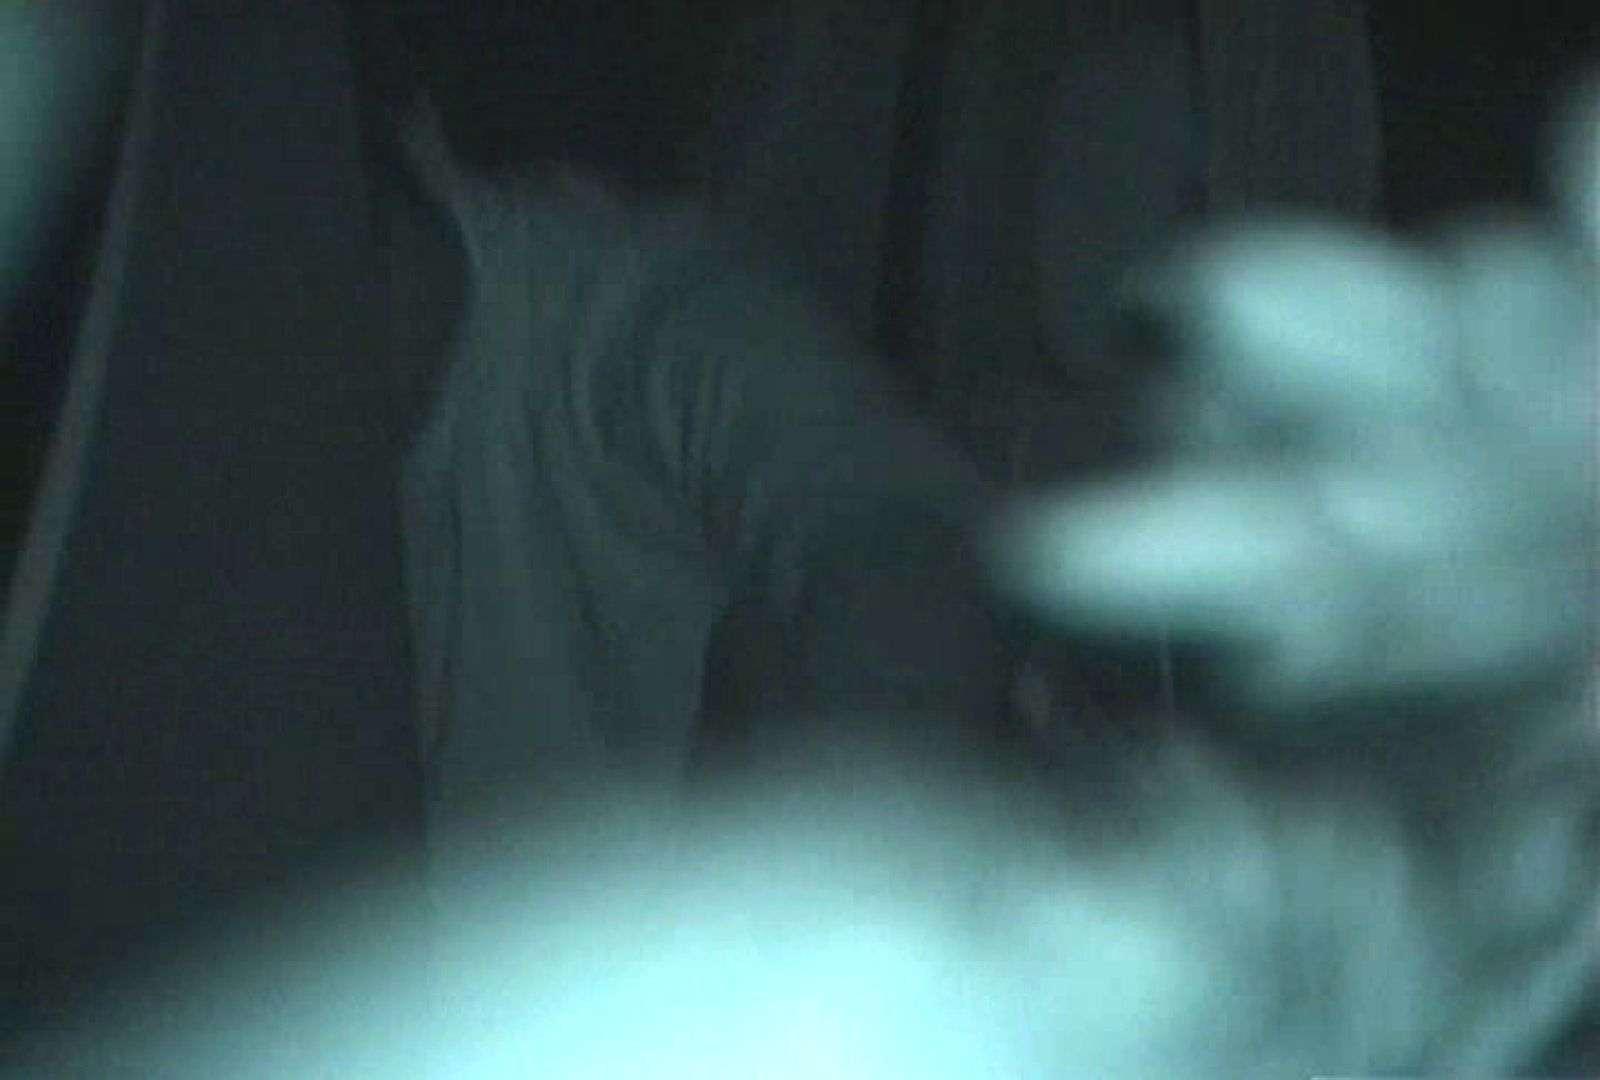 充血監督の深夜の運動会Vol.45 カップル ヌード画像 59画像 34